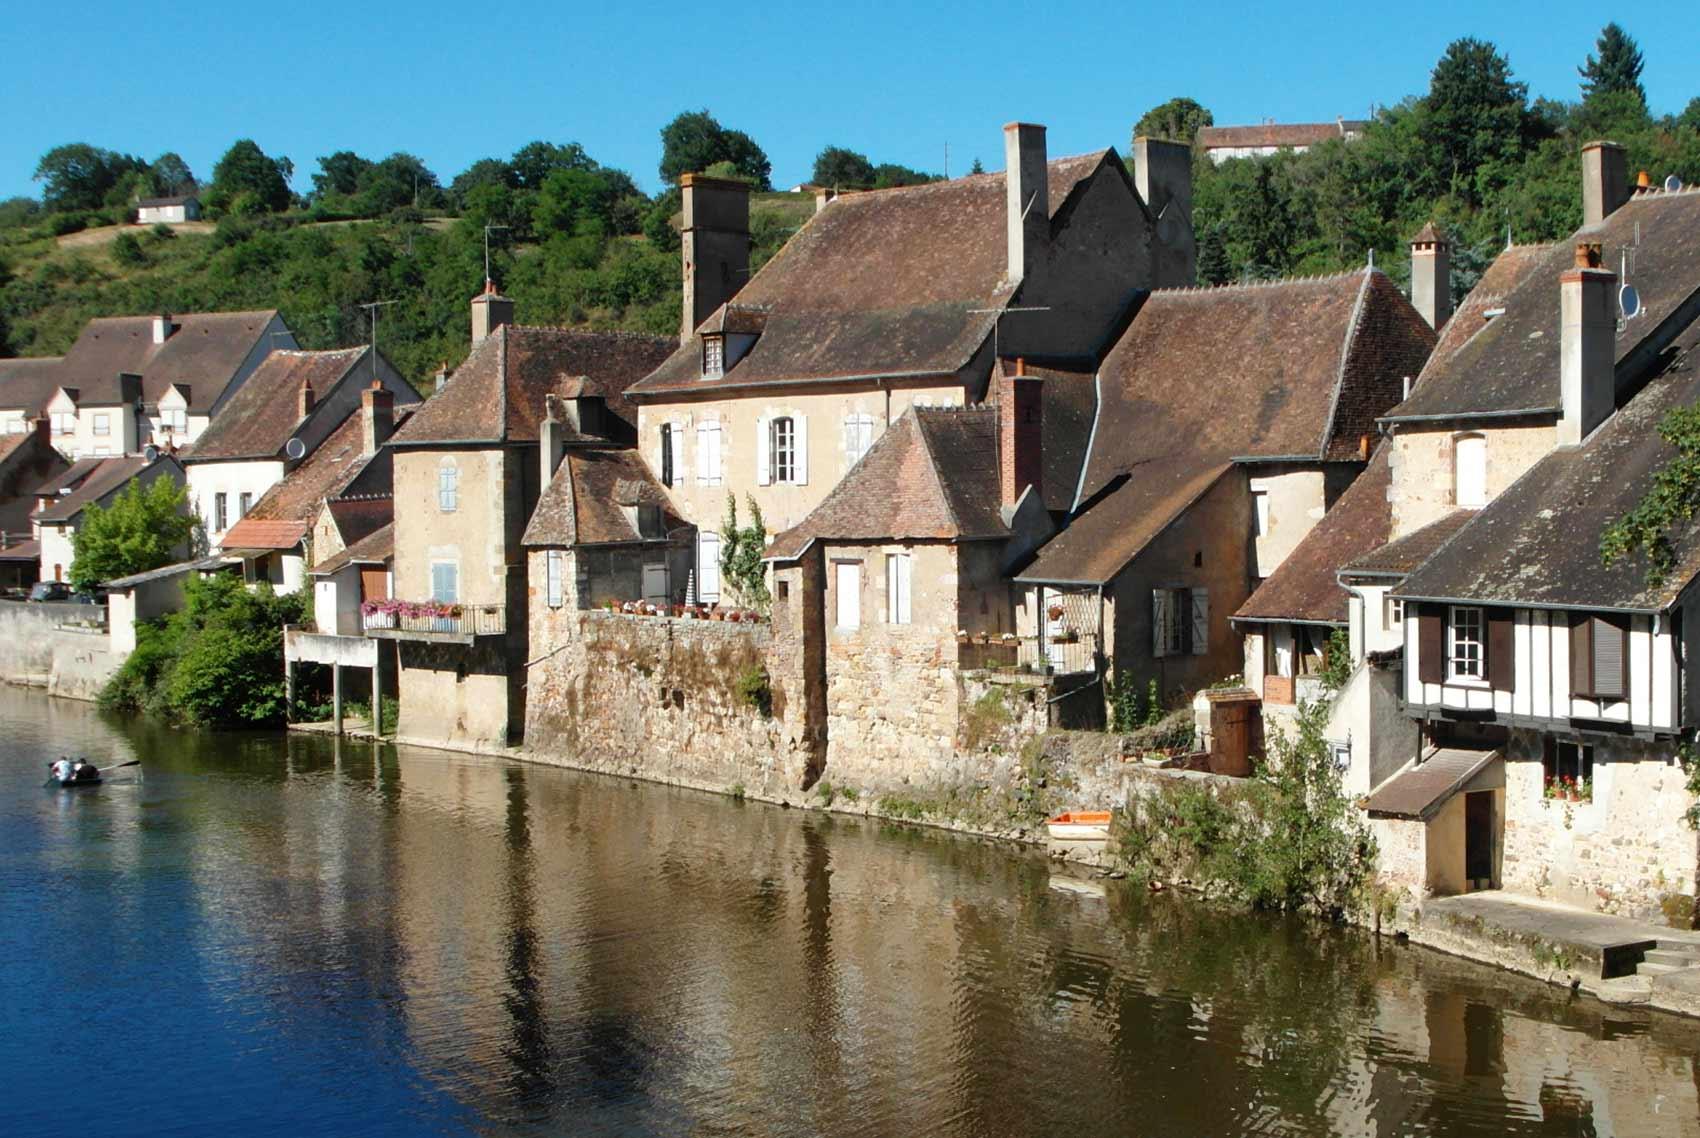 Omgeving, dorpje Herisson